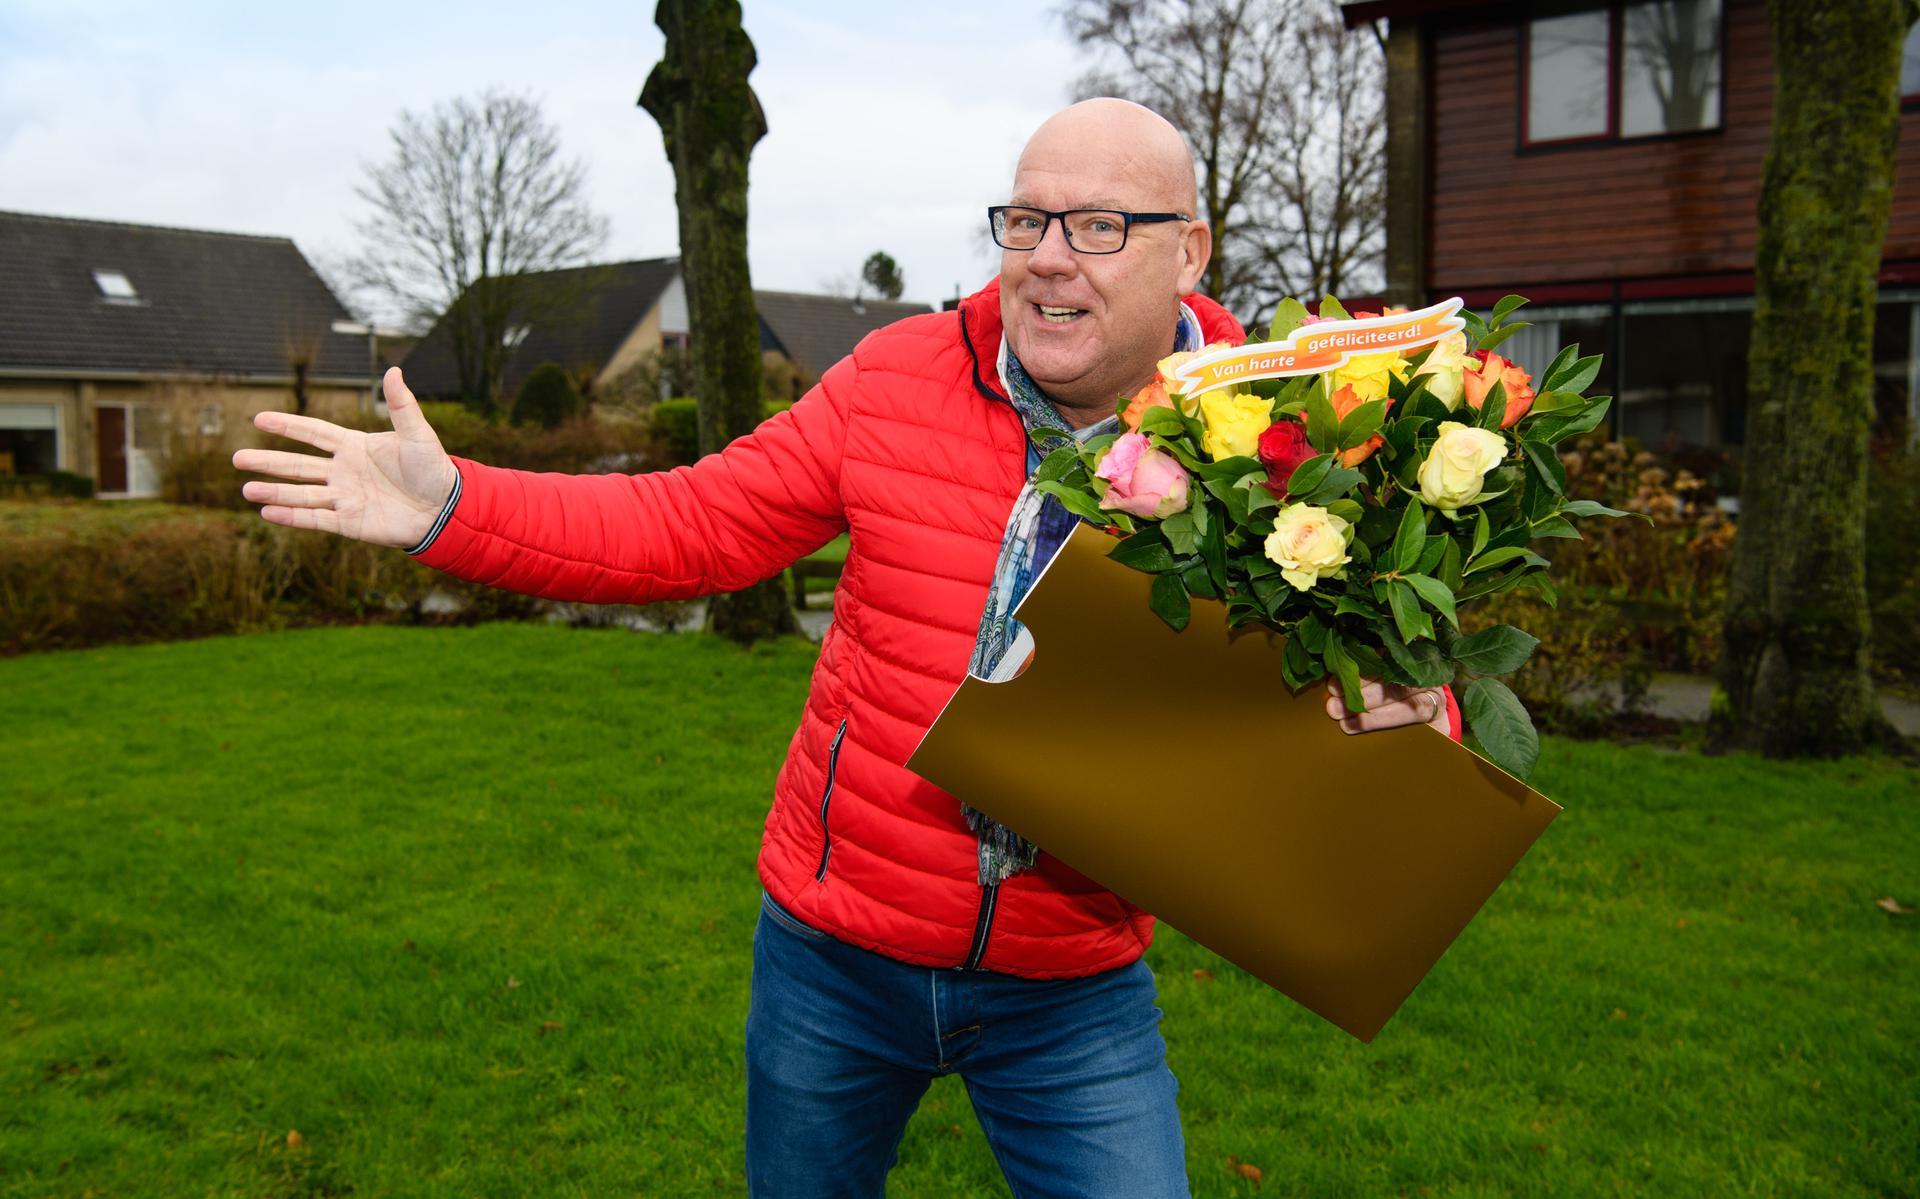 Inwoners Apeldoorn winnen samen 75.000 euro